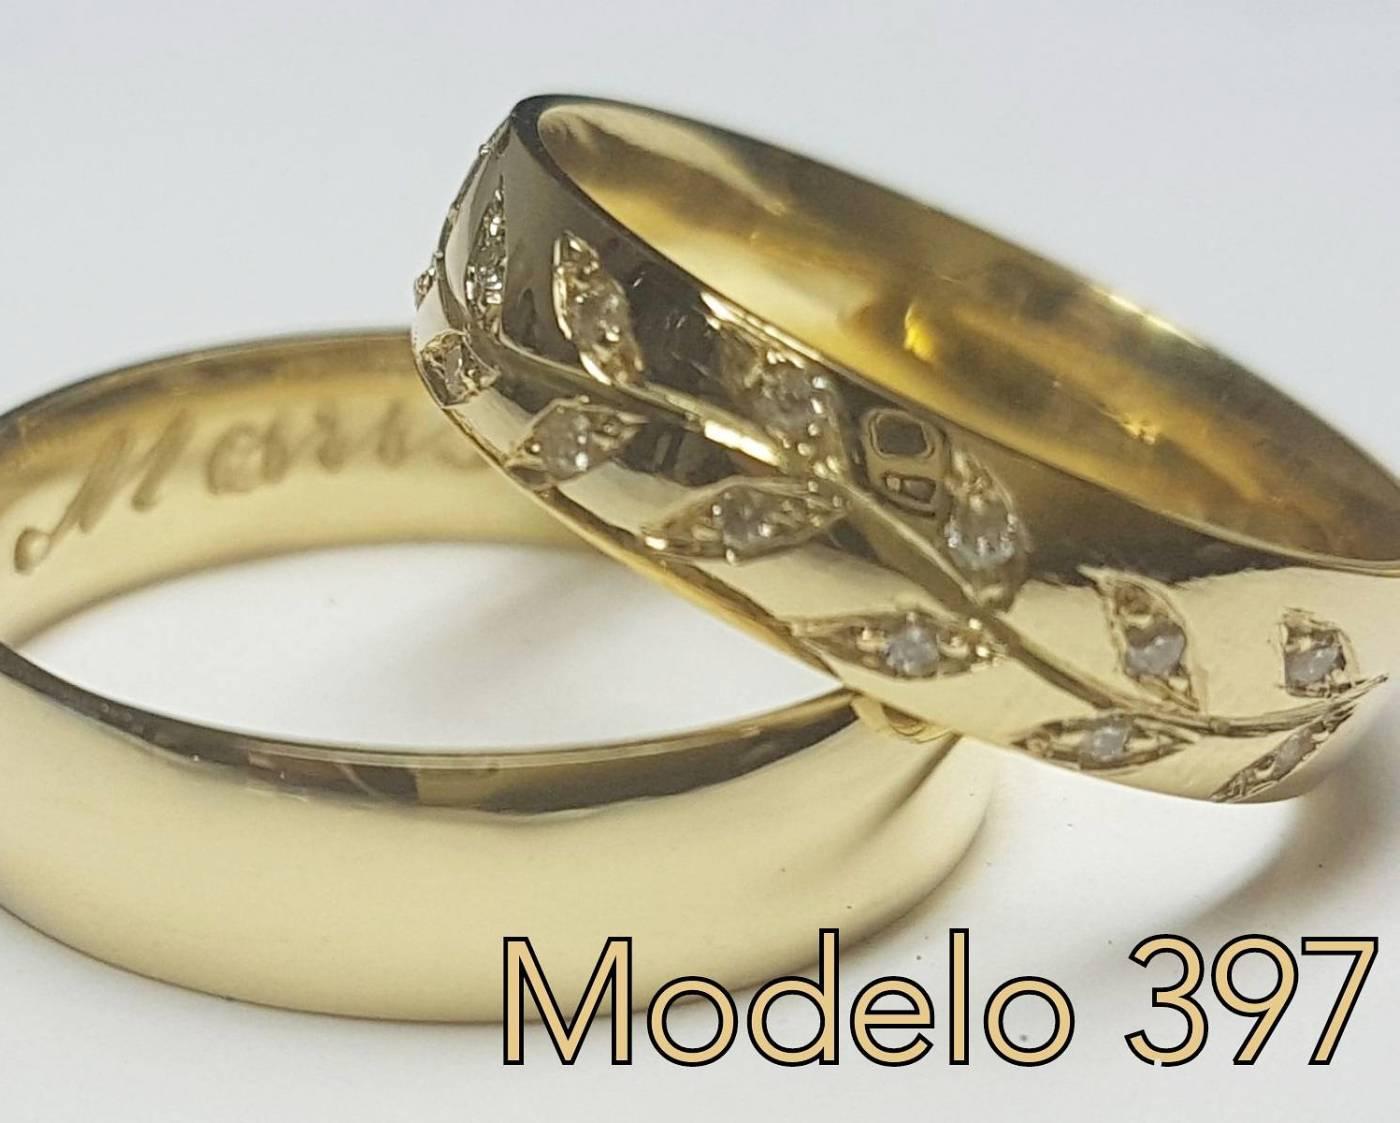 Modelo 397